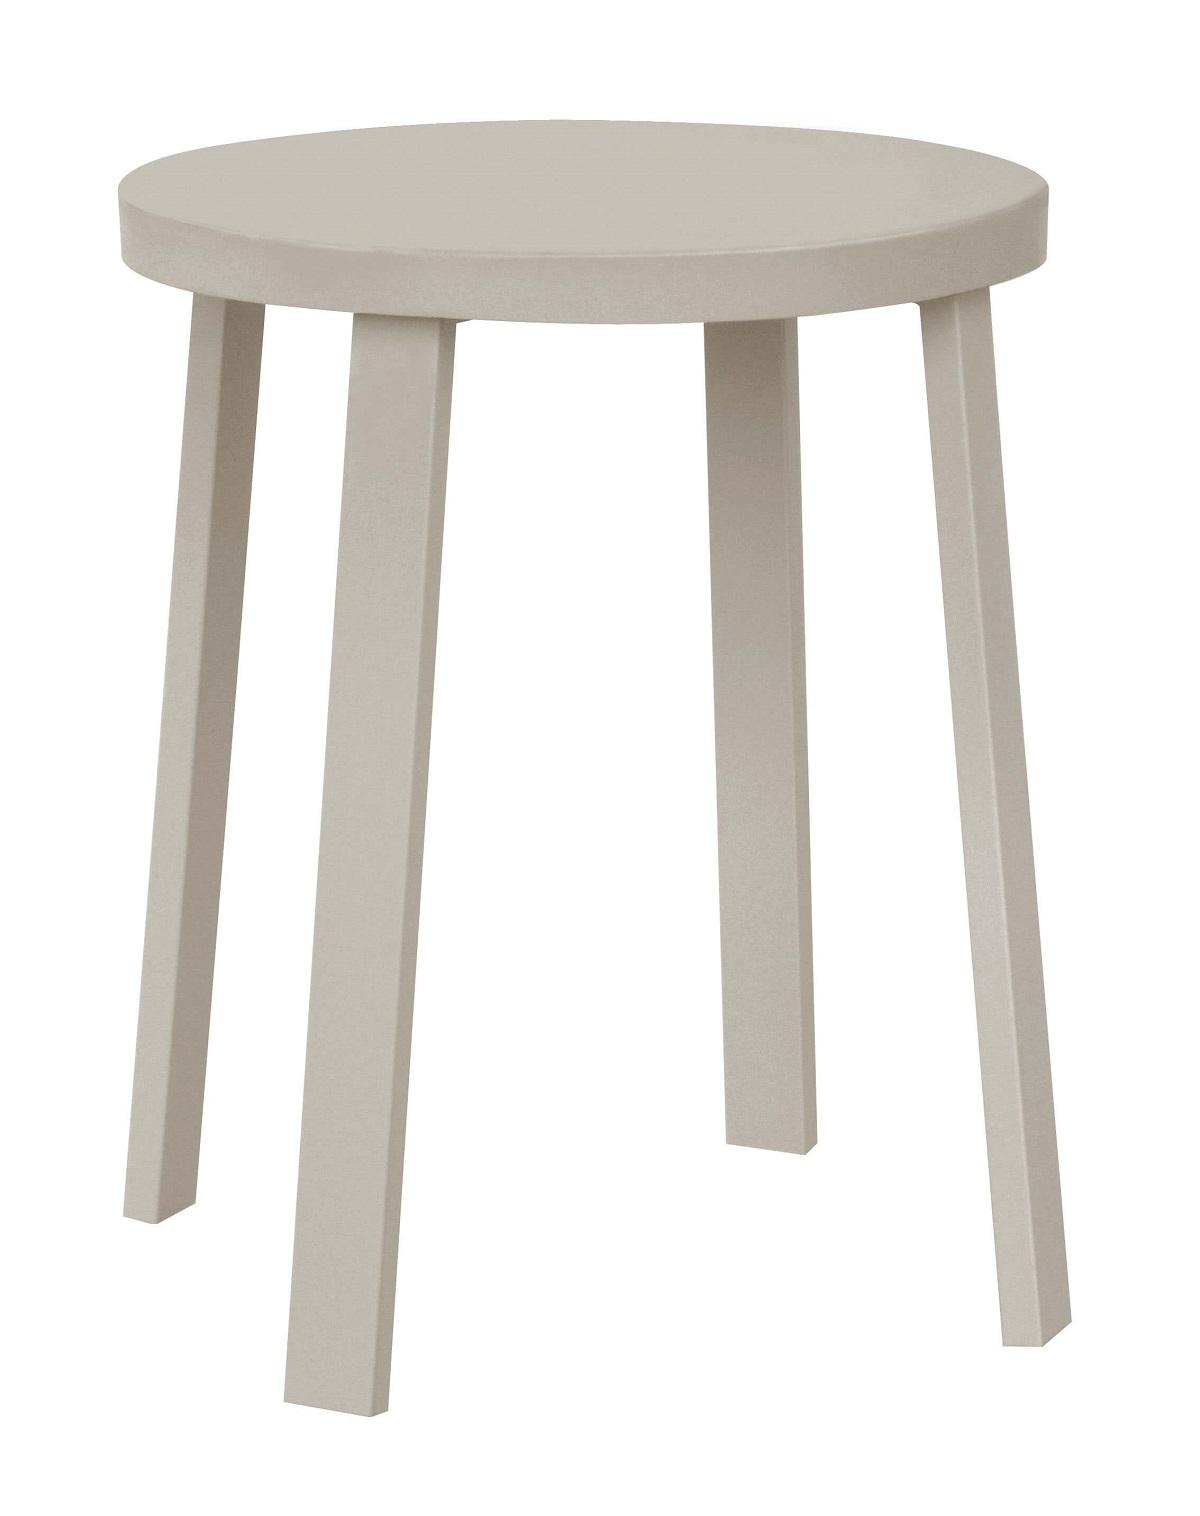 שולחן צד מאלומיניום למיטות שיזוף